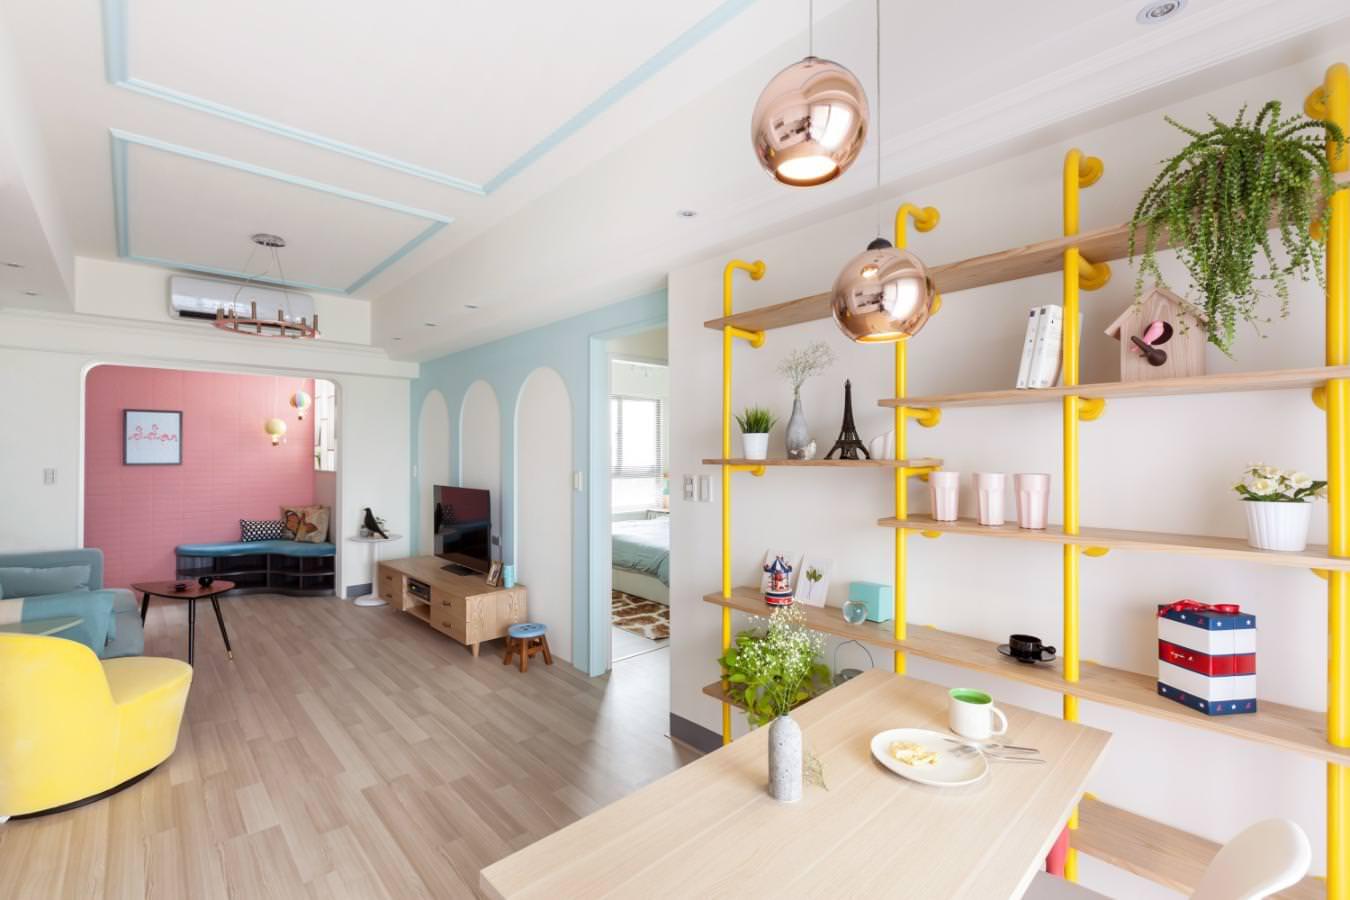 Camera da letto colori pastello : camera da letto colori pastello ...